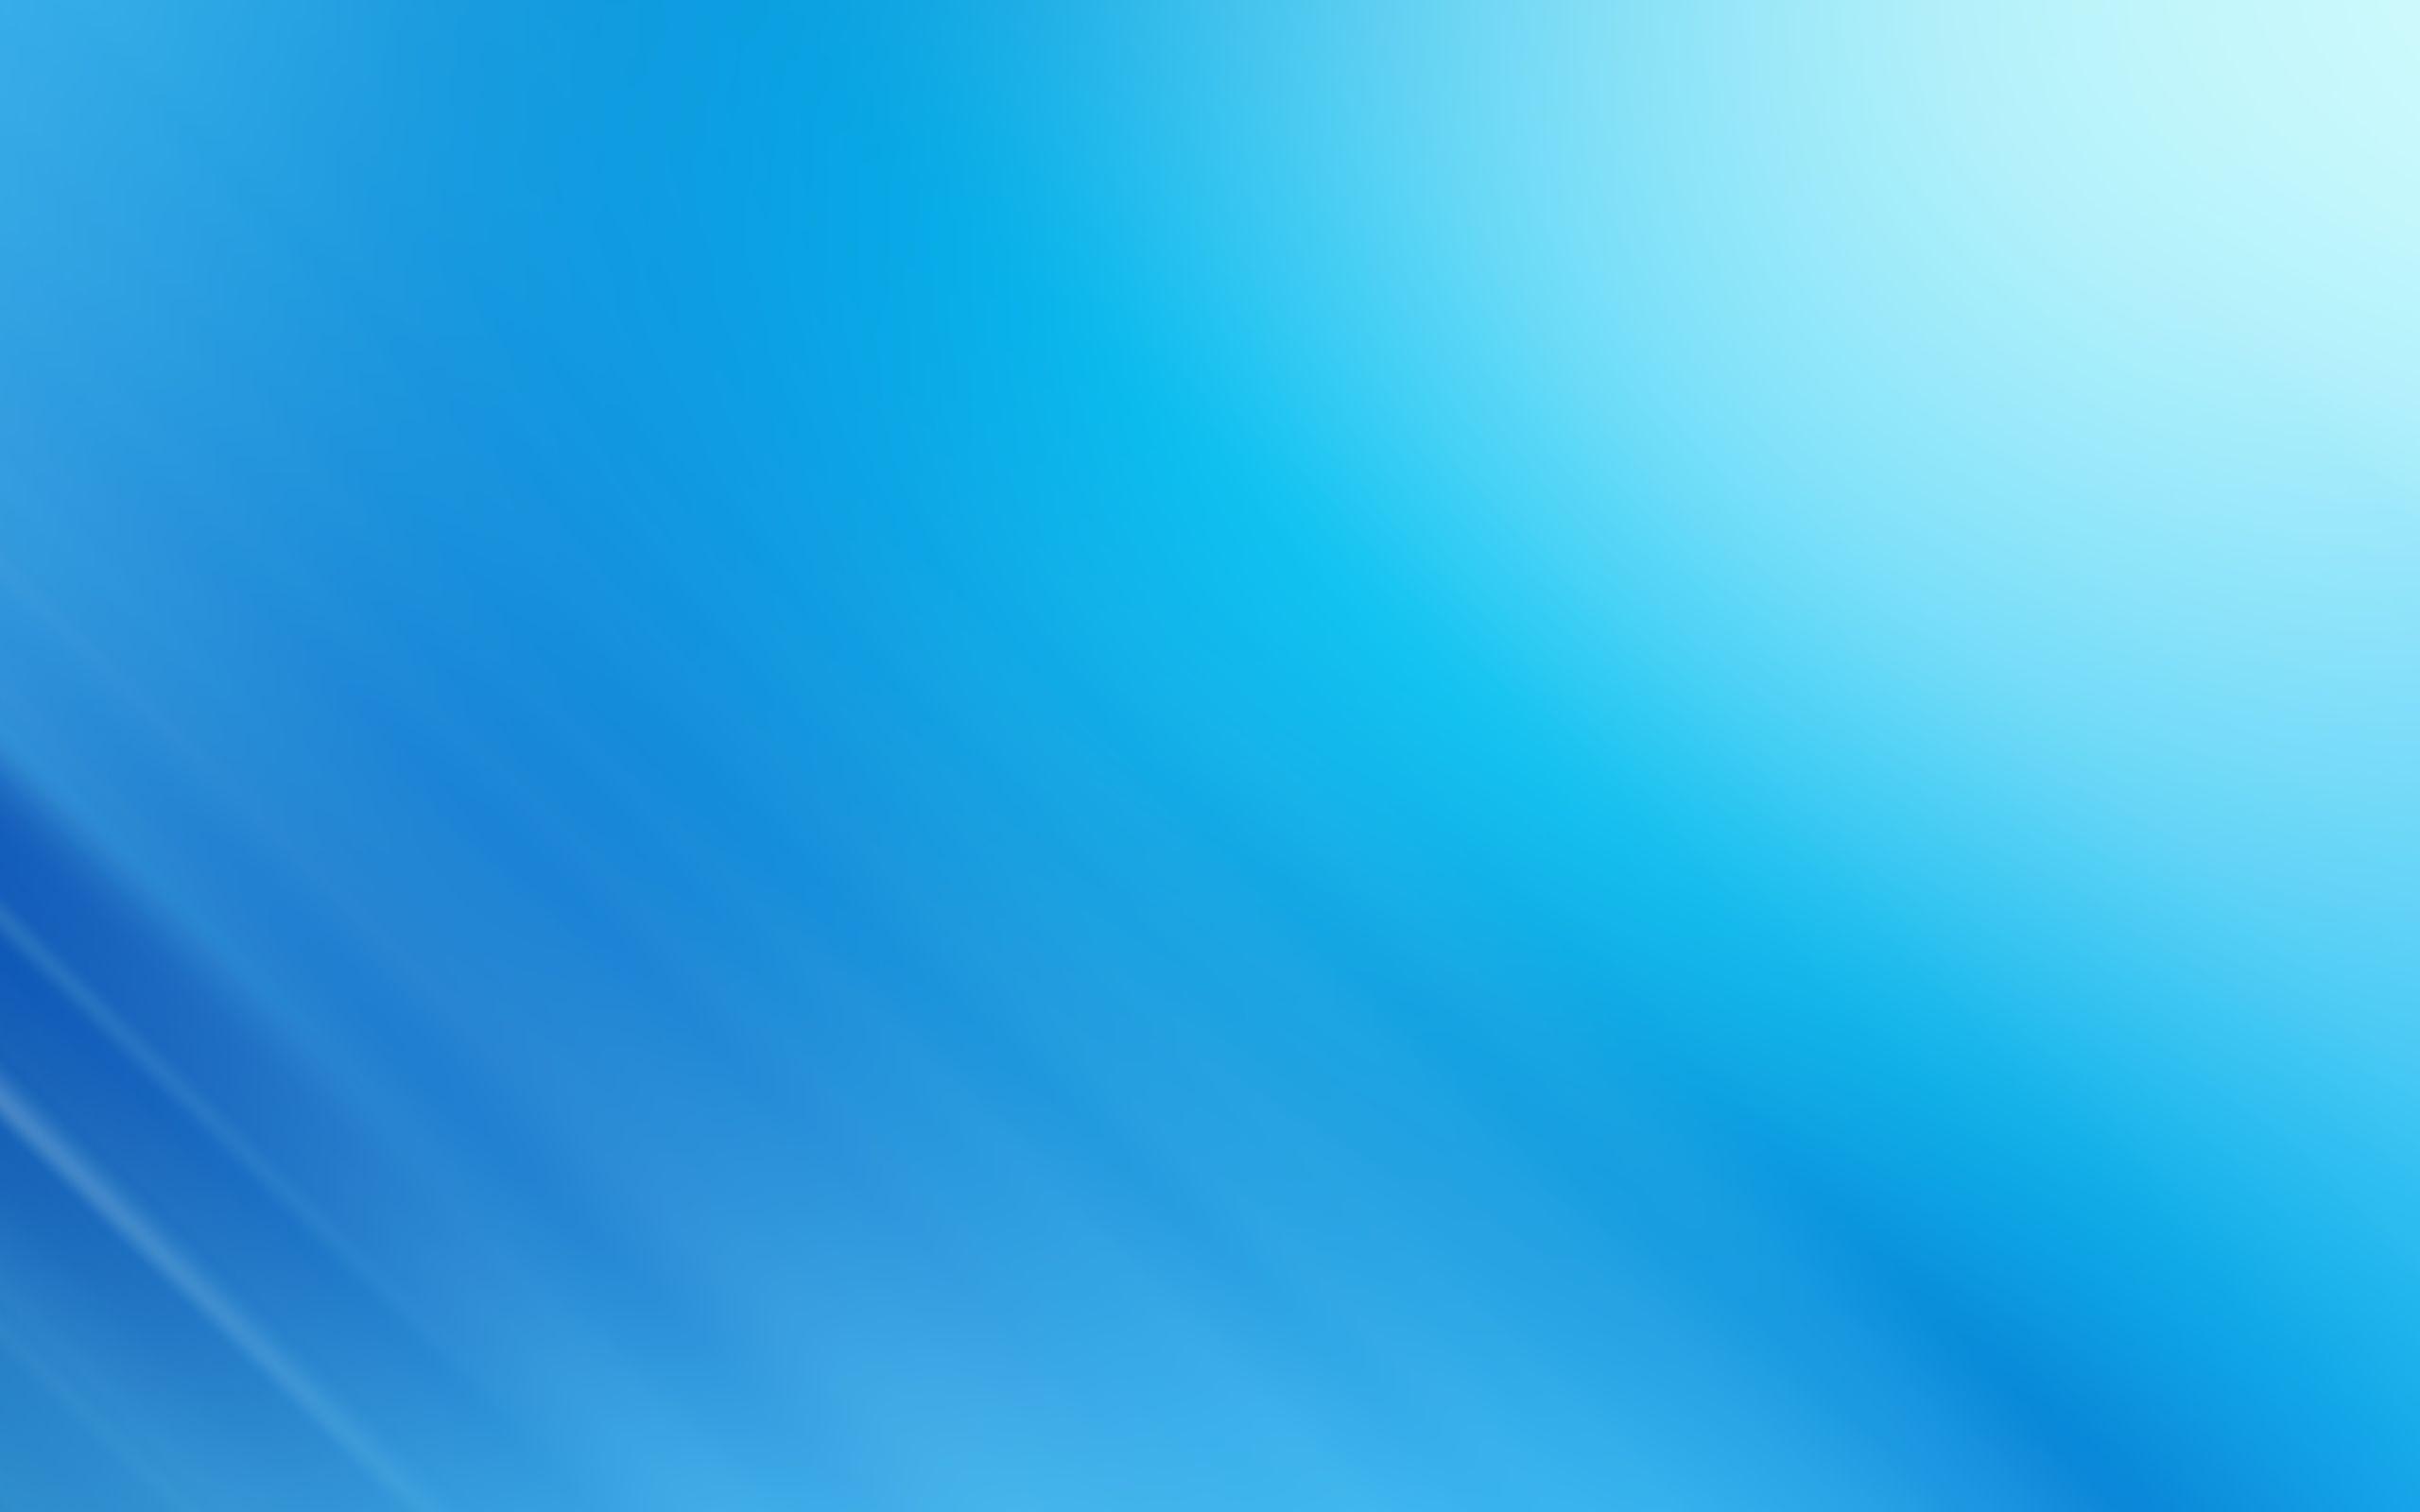 Pink Fall Wallpaper Hd Blank Wallpaper Free Download Pixelstalk Net